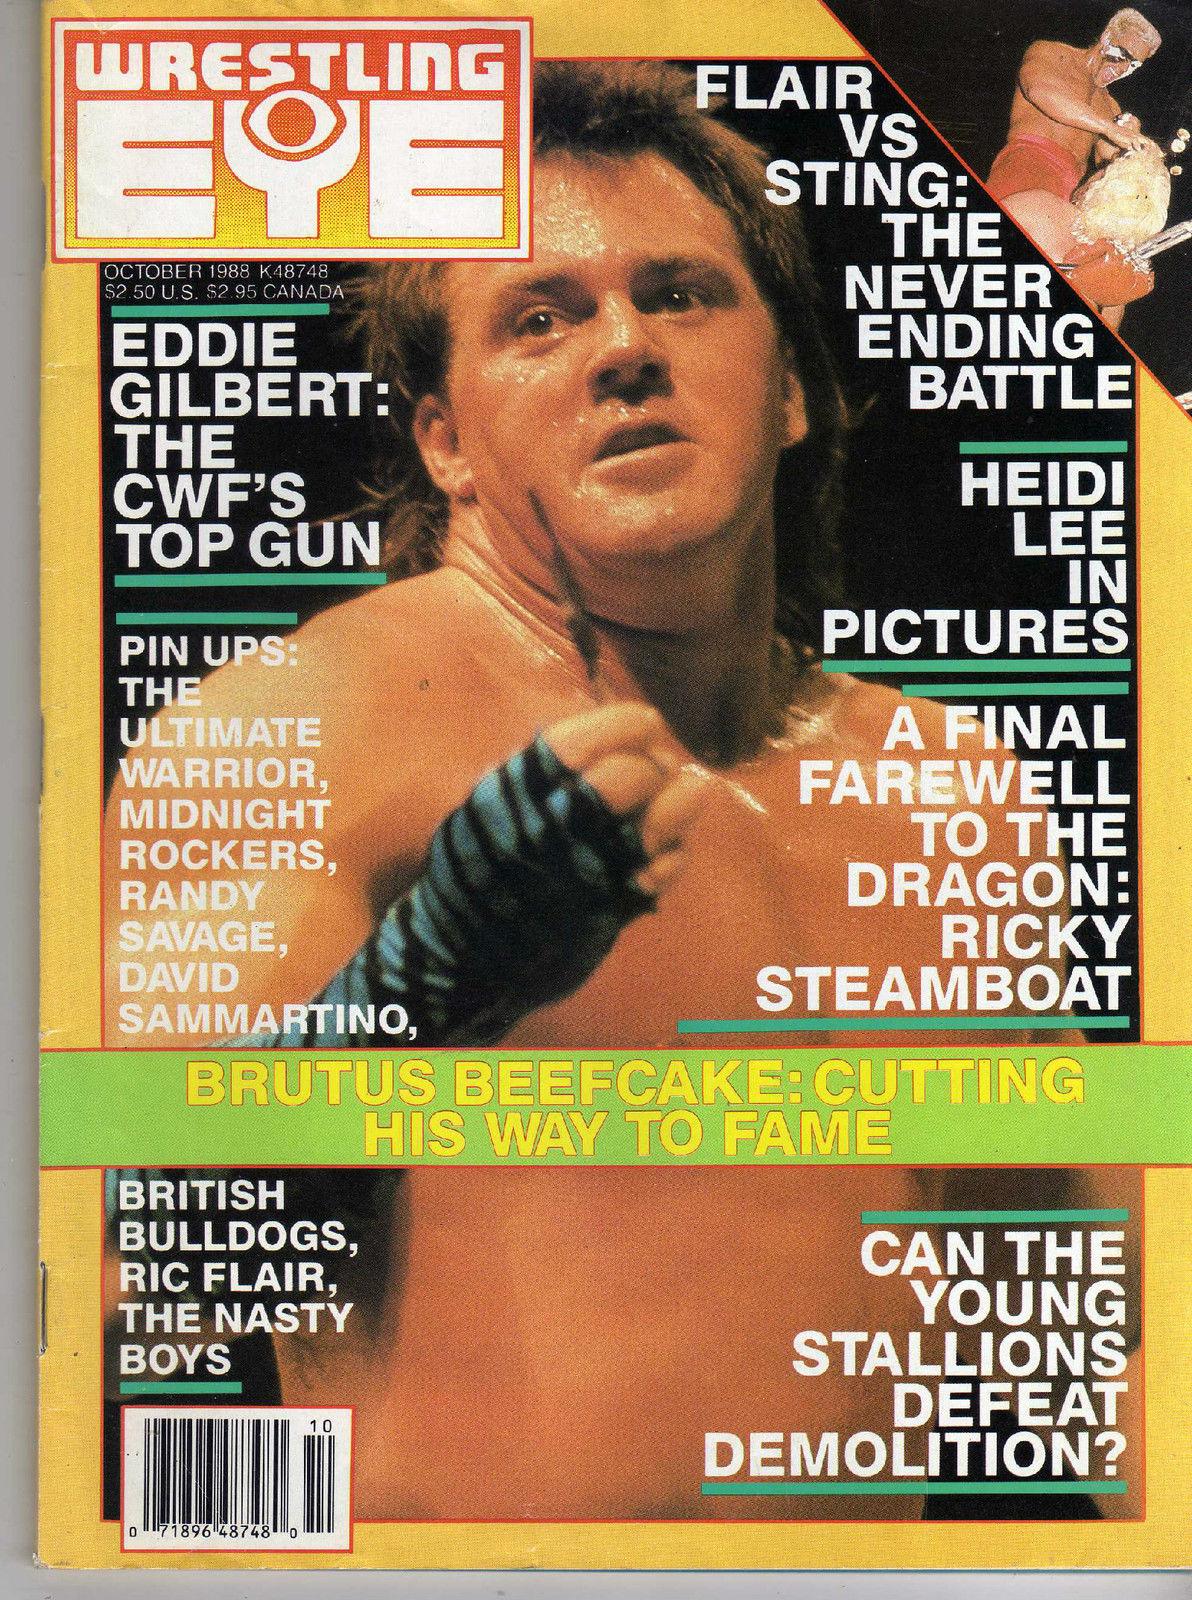 Wrestling Eye - October 1988